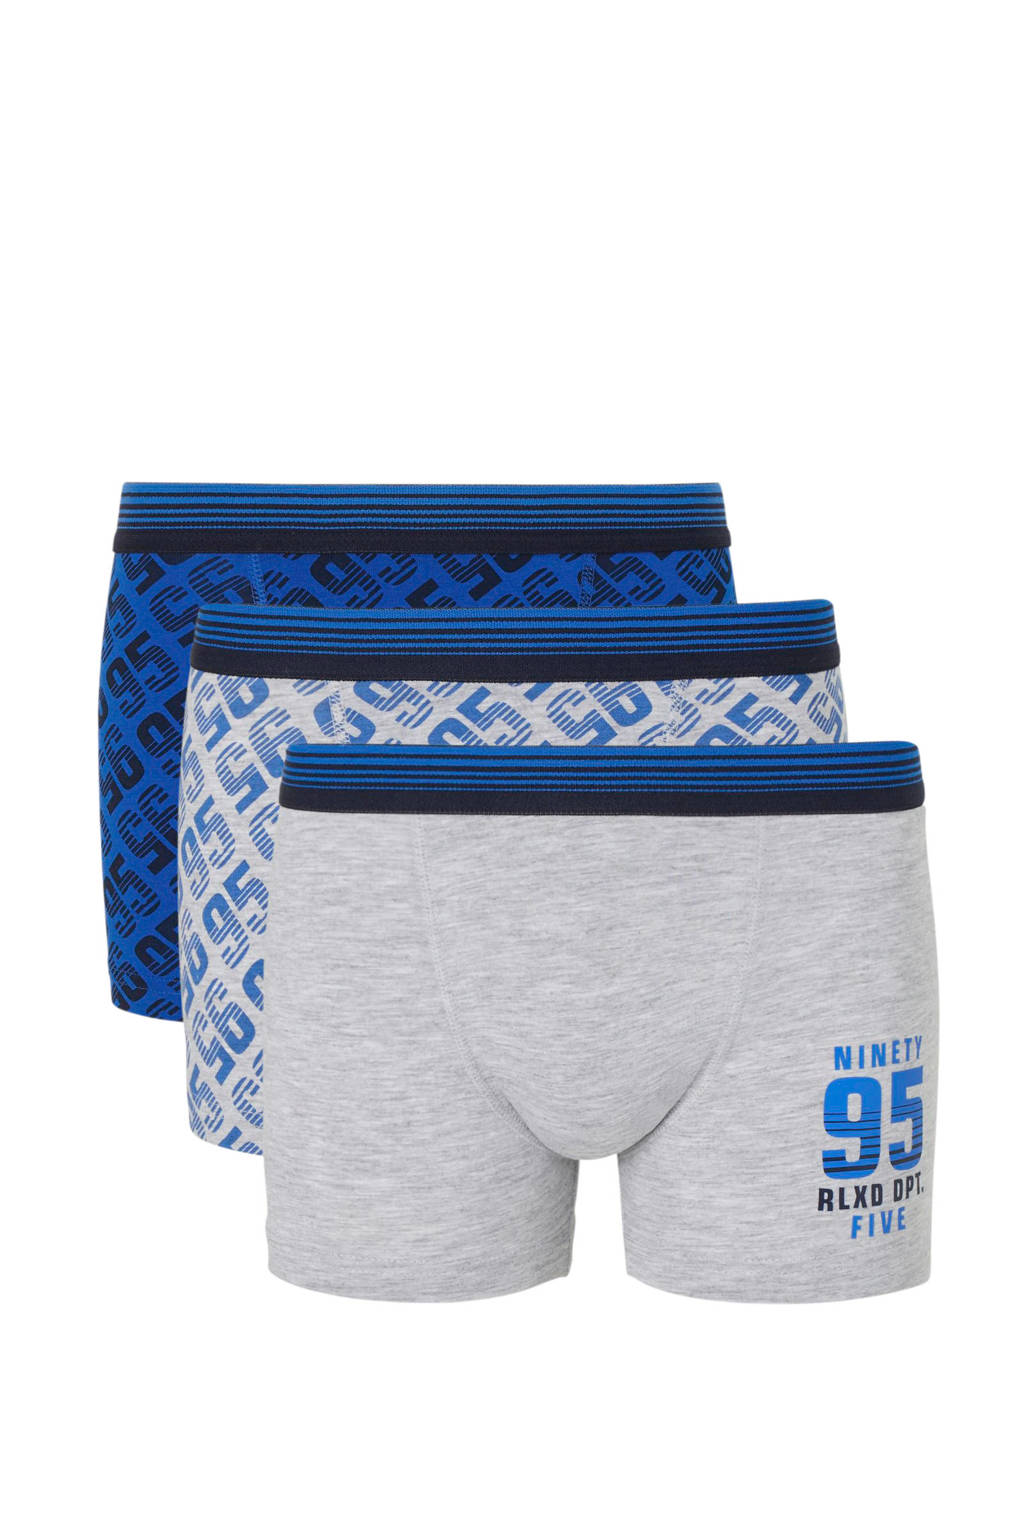 C&A Here & There   boxershort - set van 3, Blauw/grijs